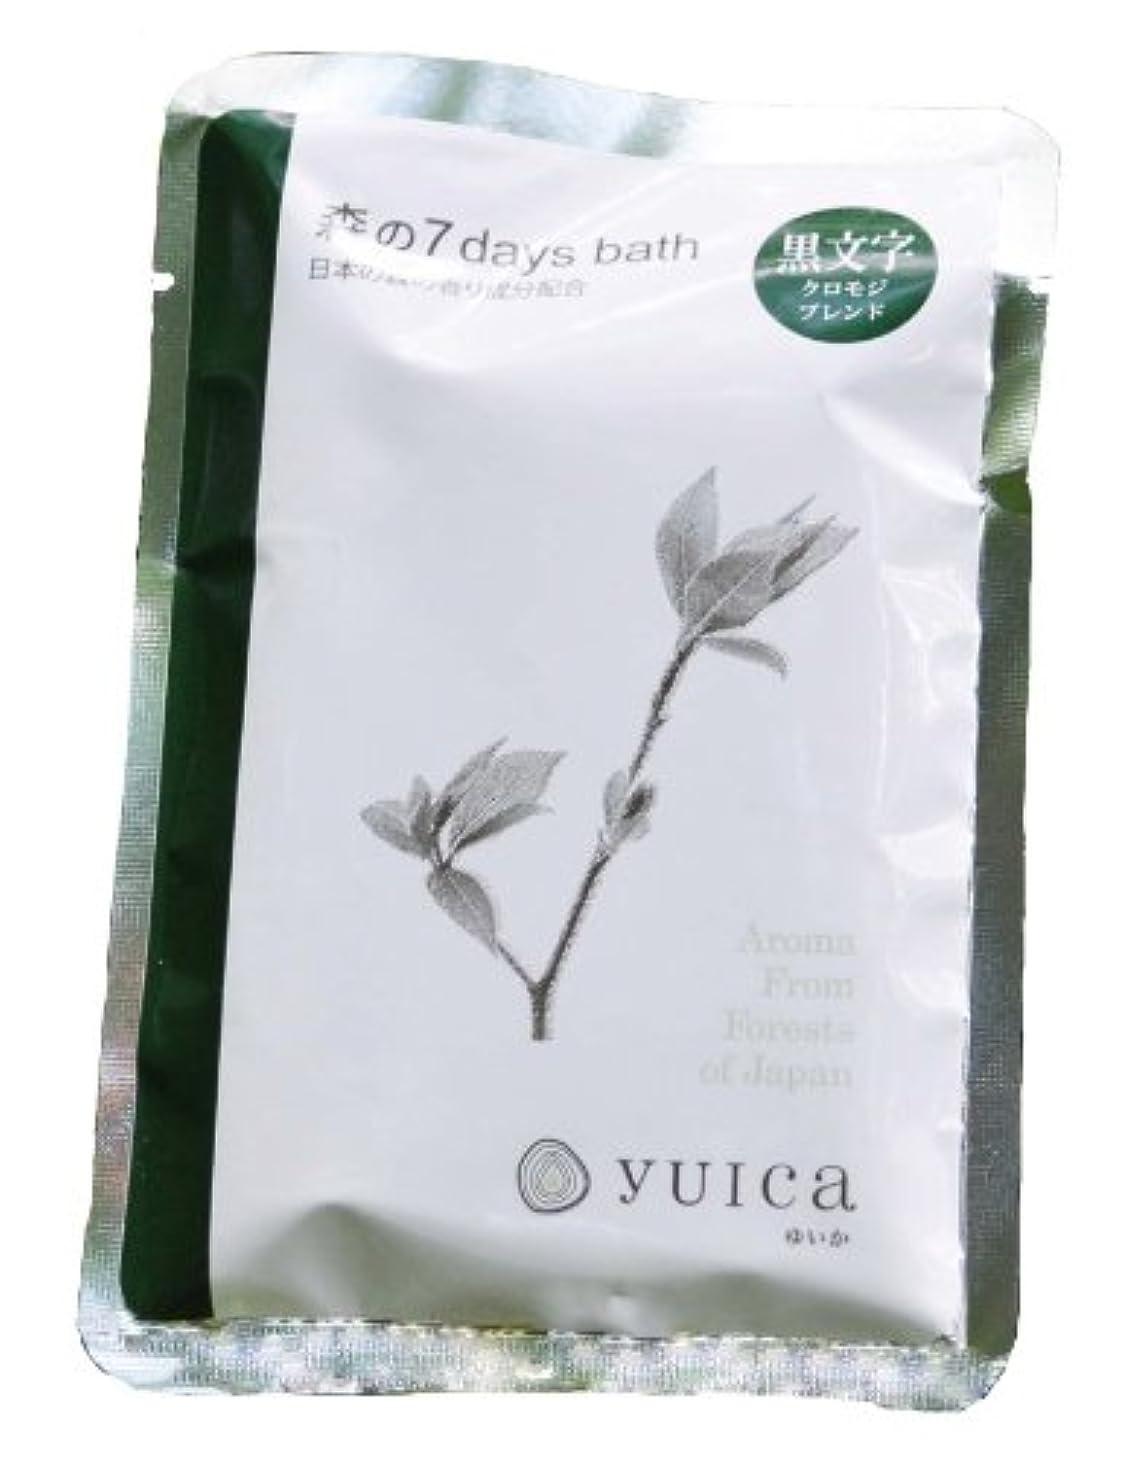 より多い腹エッセンスyuica 森の7 days bath(入浴パウダー)やすらぎの香り(クロモジブレンド) 60g